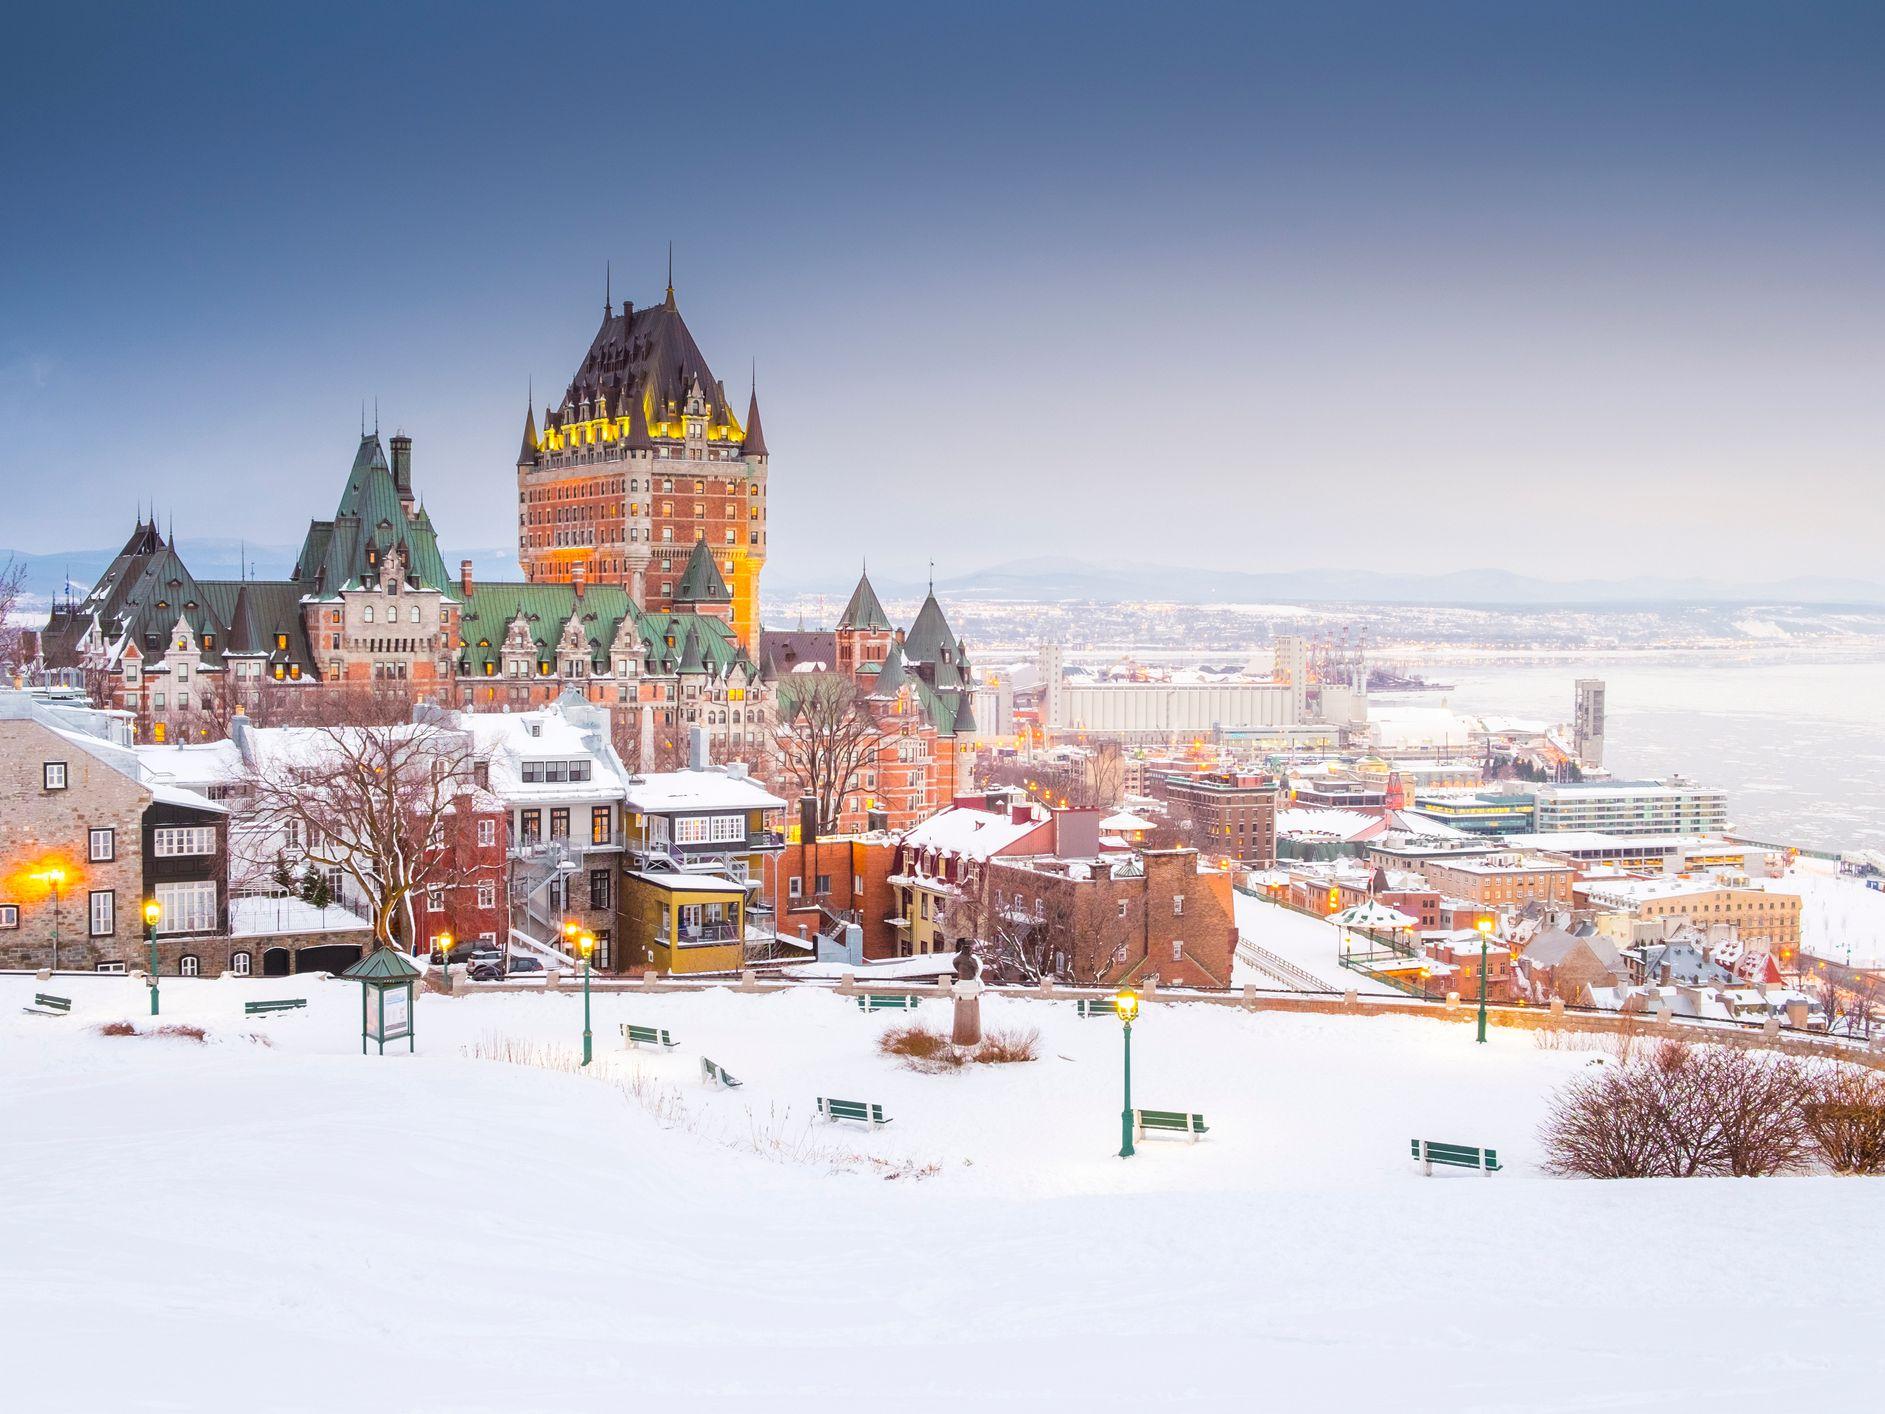 Kanada - Page 5 Winter-canada-ottawa-e5b659e6c24c440093f8d54afa0e01dc